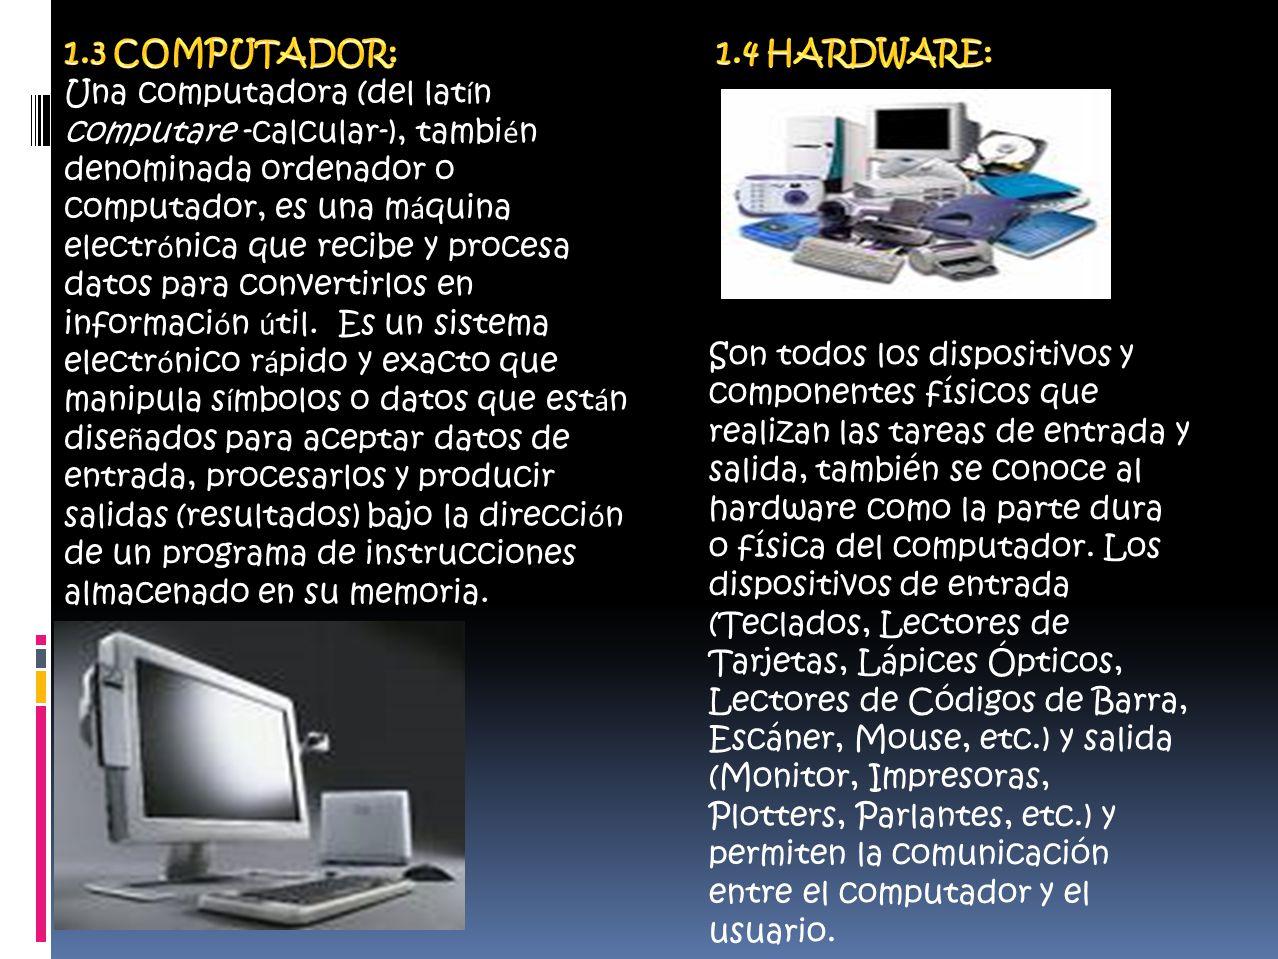 Una computadora (del lat í n computare -calcular-), tambi é n denominada ordenador o computador, es una m á quina electr ó nica que recibe y procesa datos para convertirlos en informaci ó n ú til.